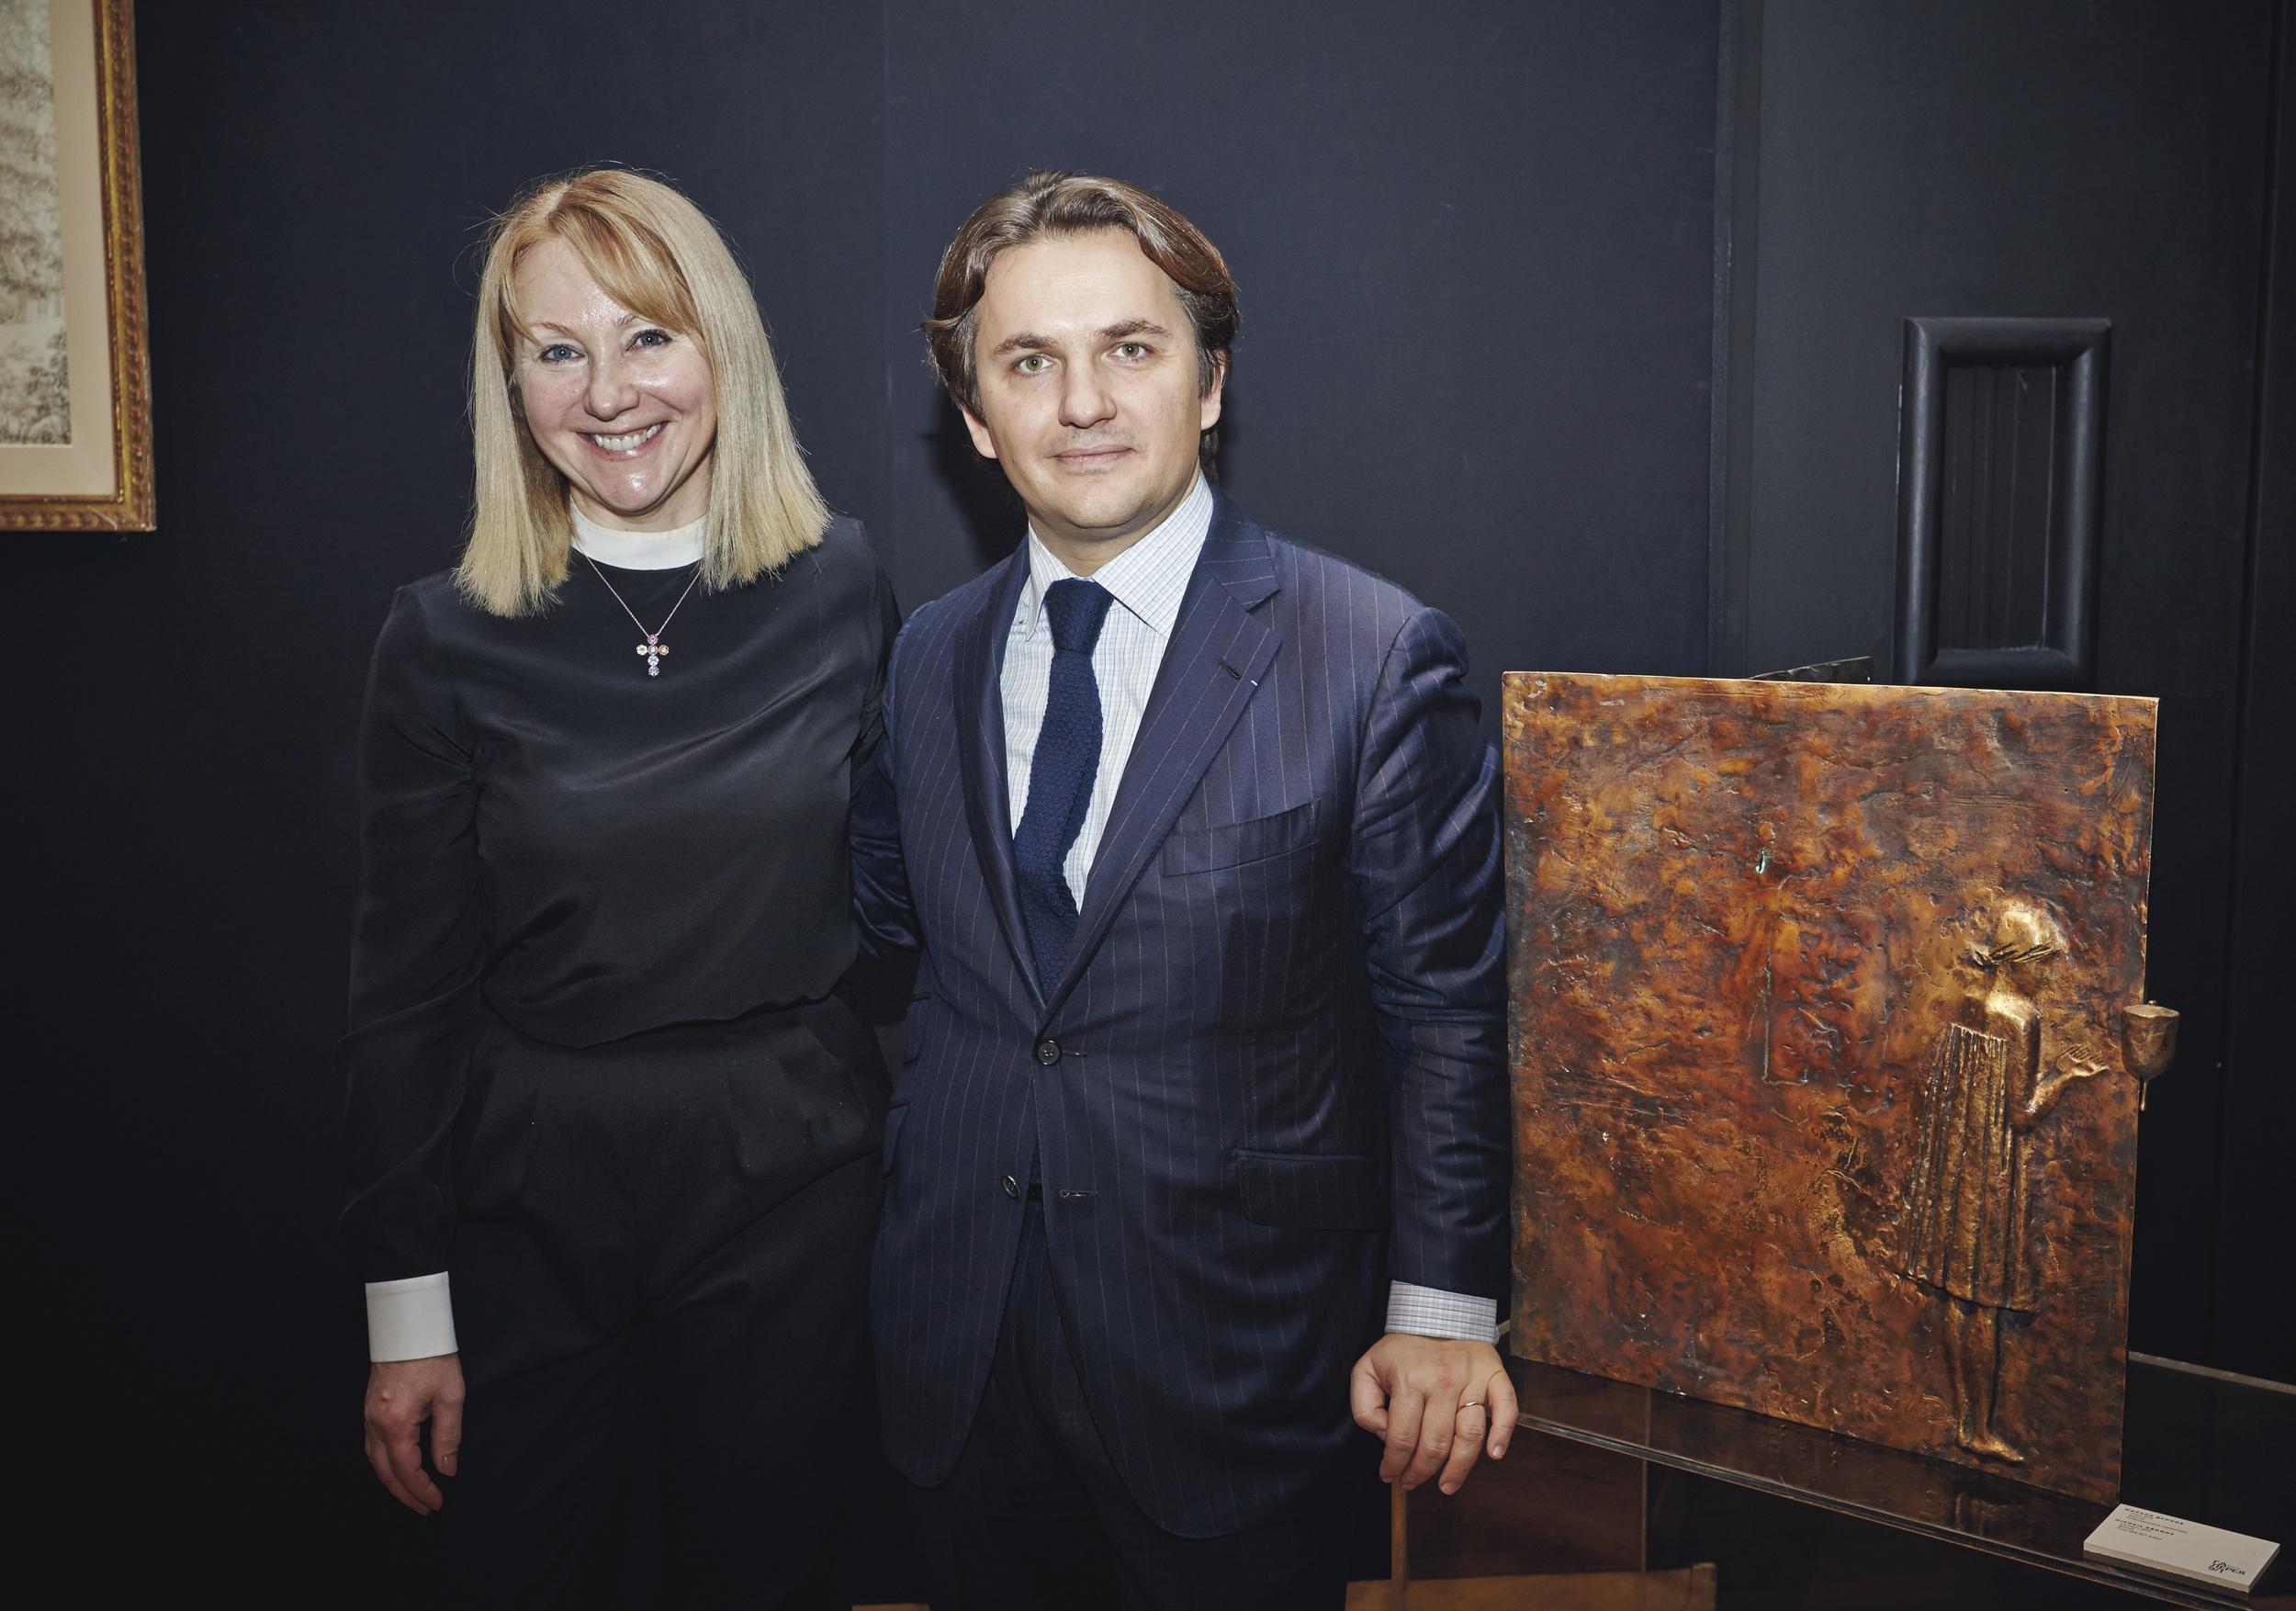 Мария Соколова, владелица Галереи 9/1 и господин Брюни, генеральный директор Christie's Париж